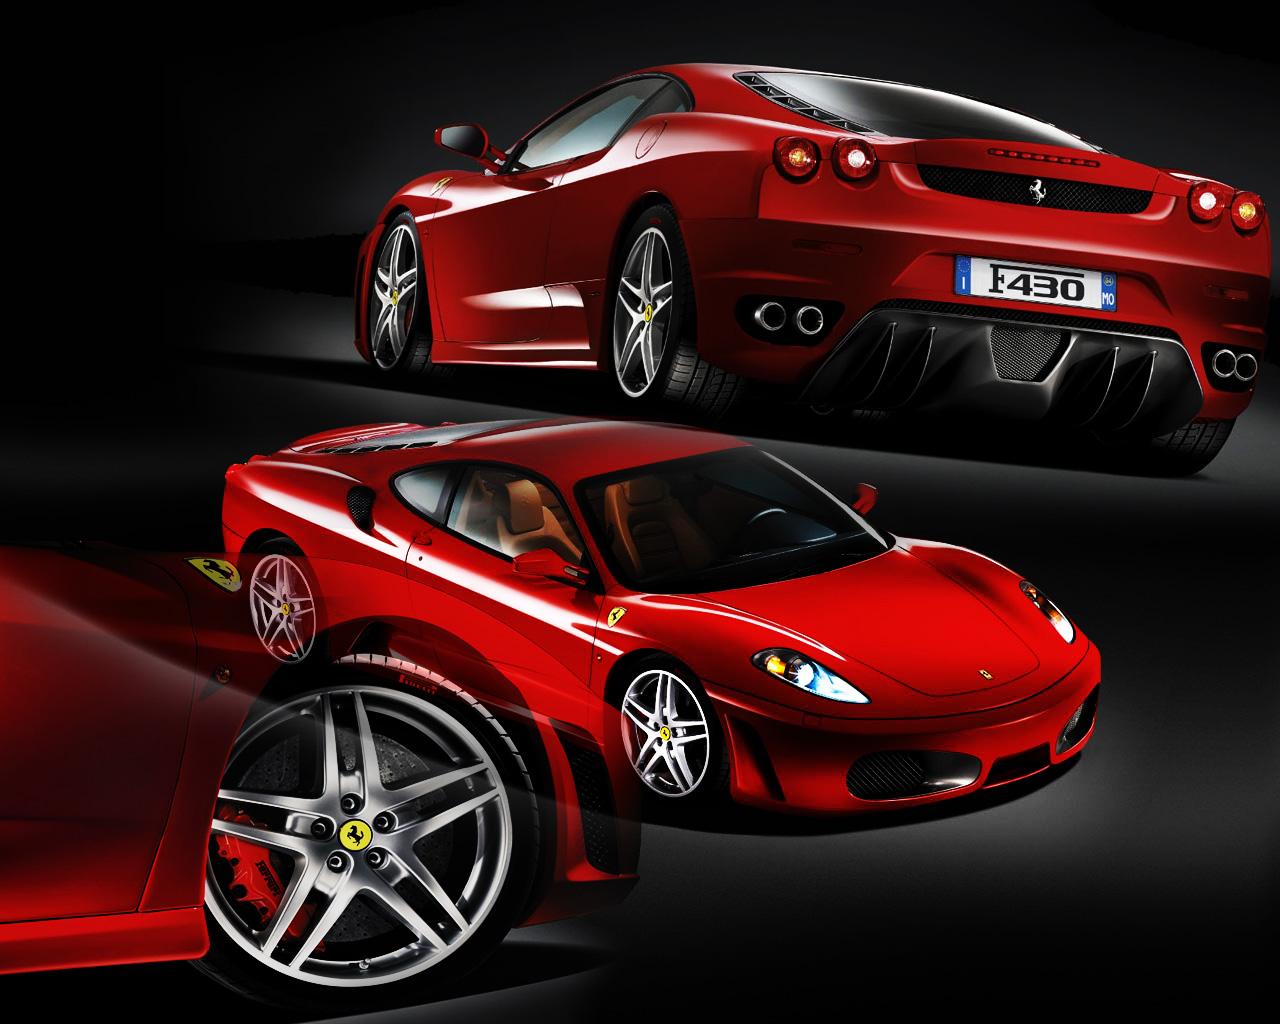 http://2.bp.blogspot.com/_Iq1fkO6qus0/TRpVWQ-TPvI/AAAAAAAAAZ8/ViuTGpZtkv8/s1600/Ferrari-F430-Wallpapers_2812201004.jpg